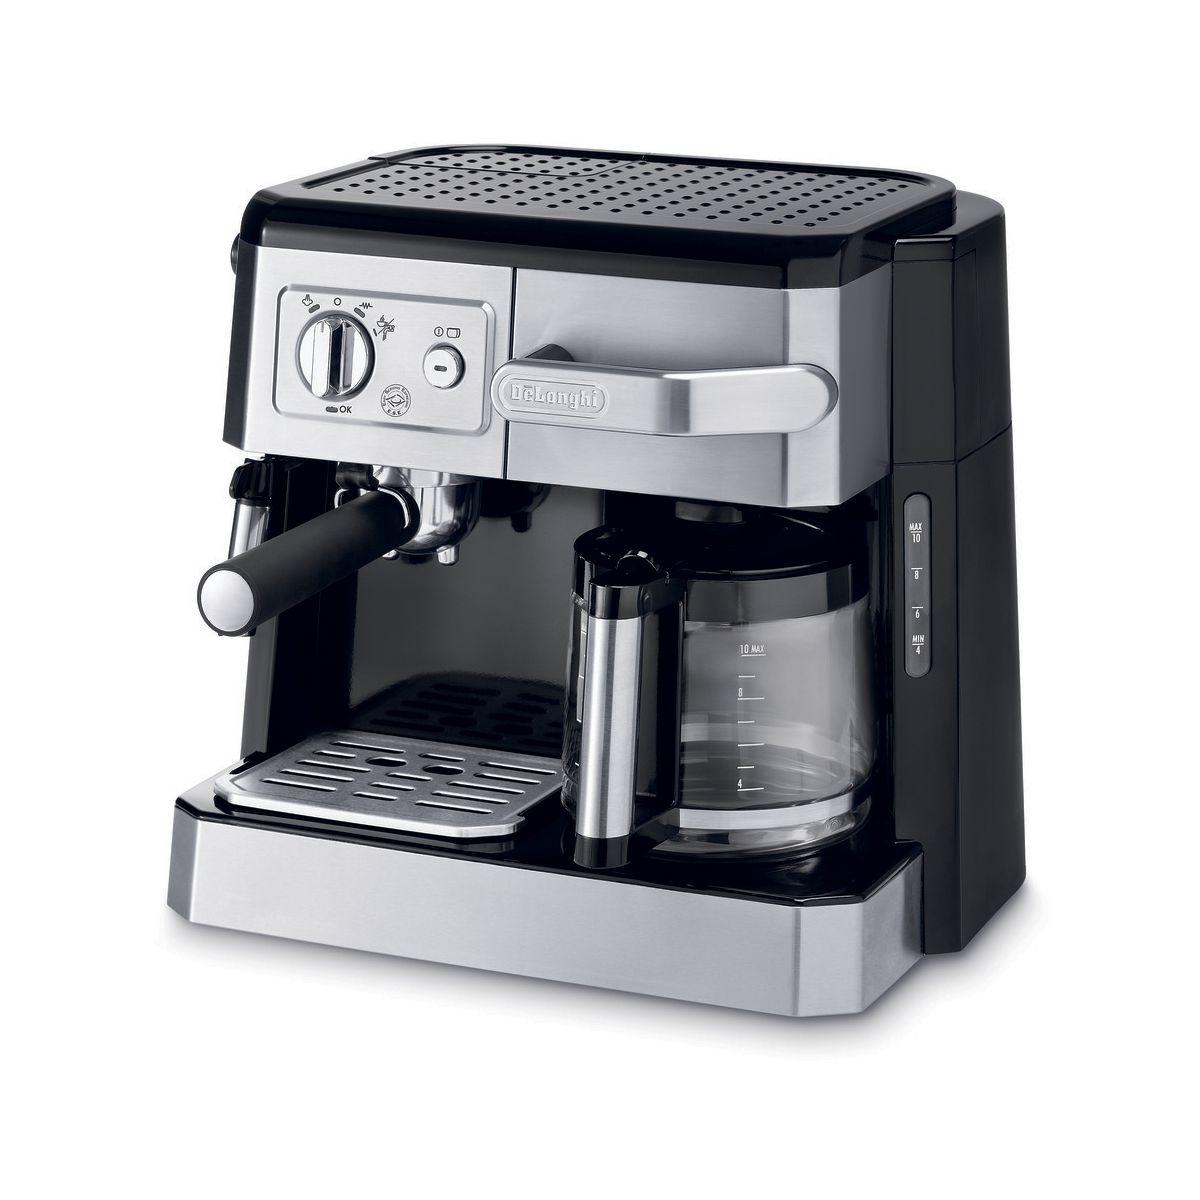 Expresso combiné cafetière DELONGHI BCO 420.1 finition métal